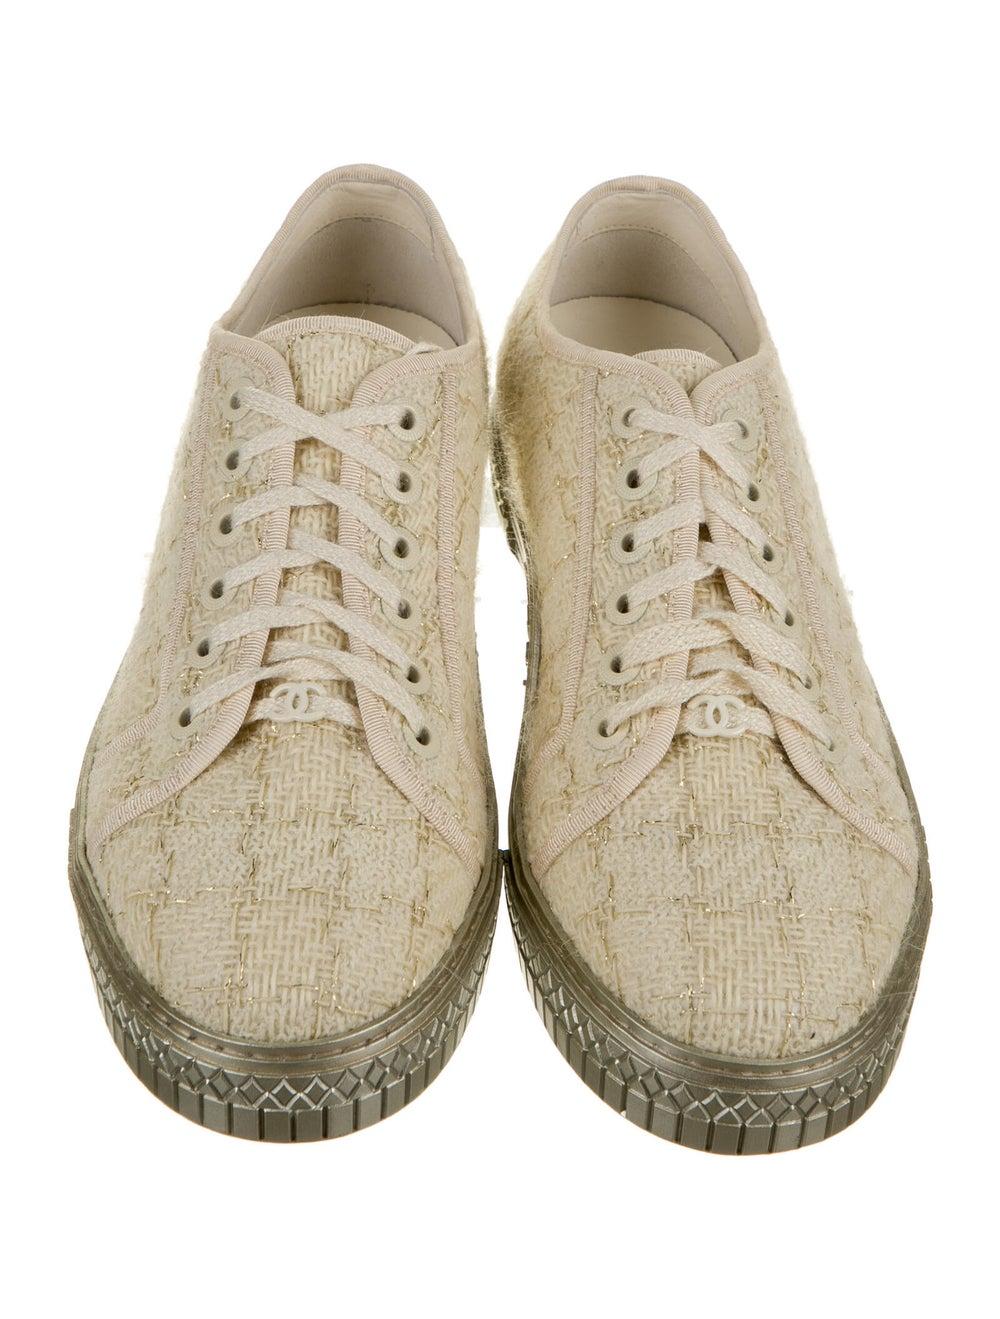 Chanel Tweed Sneakers Sneakers - image 2